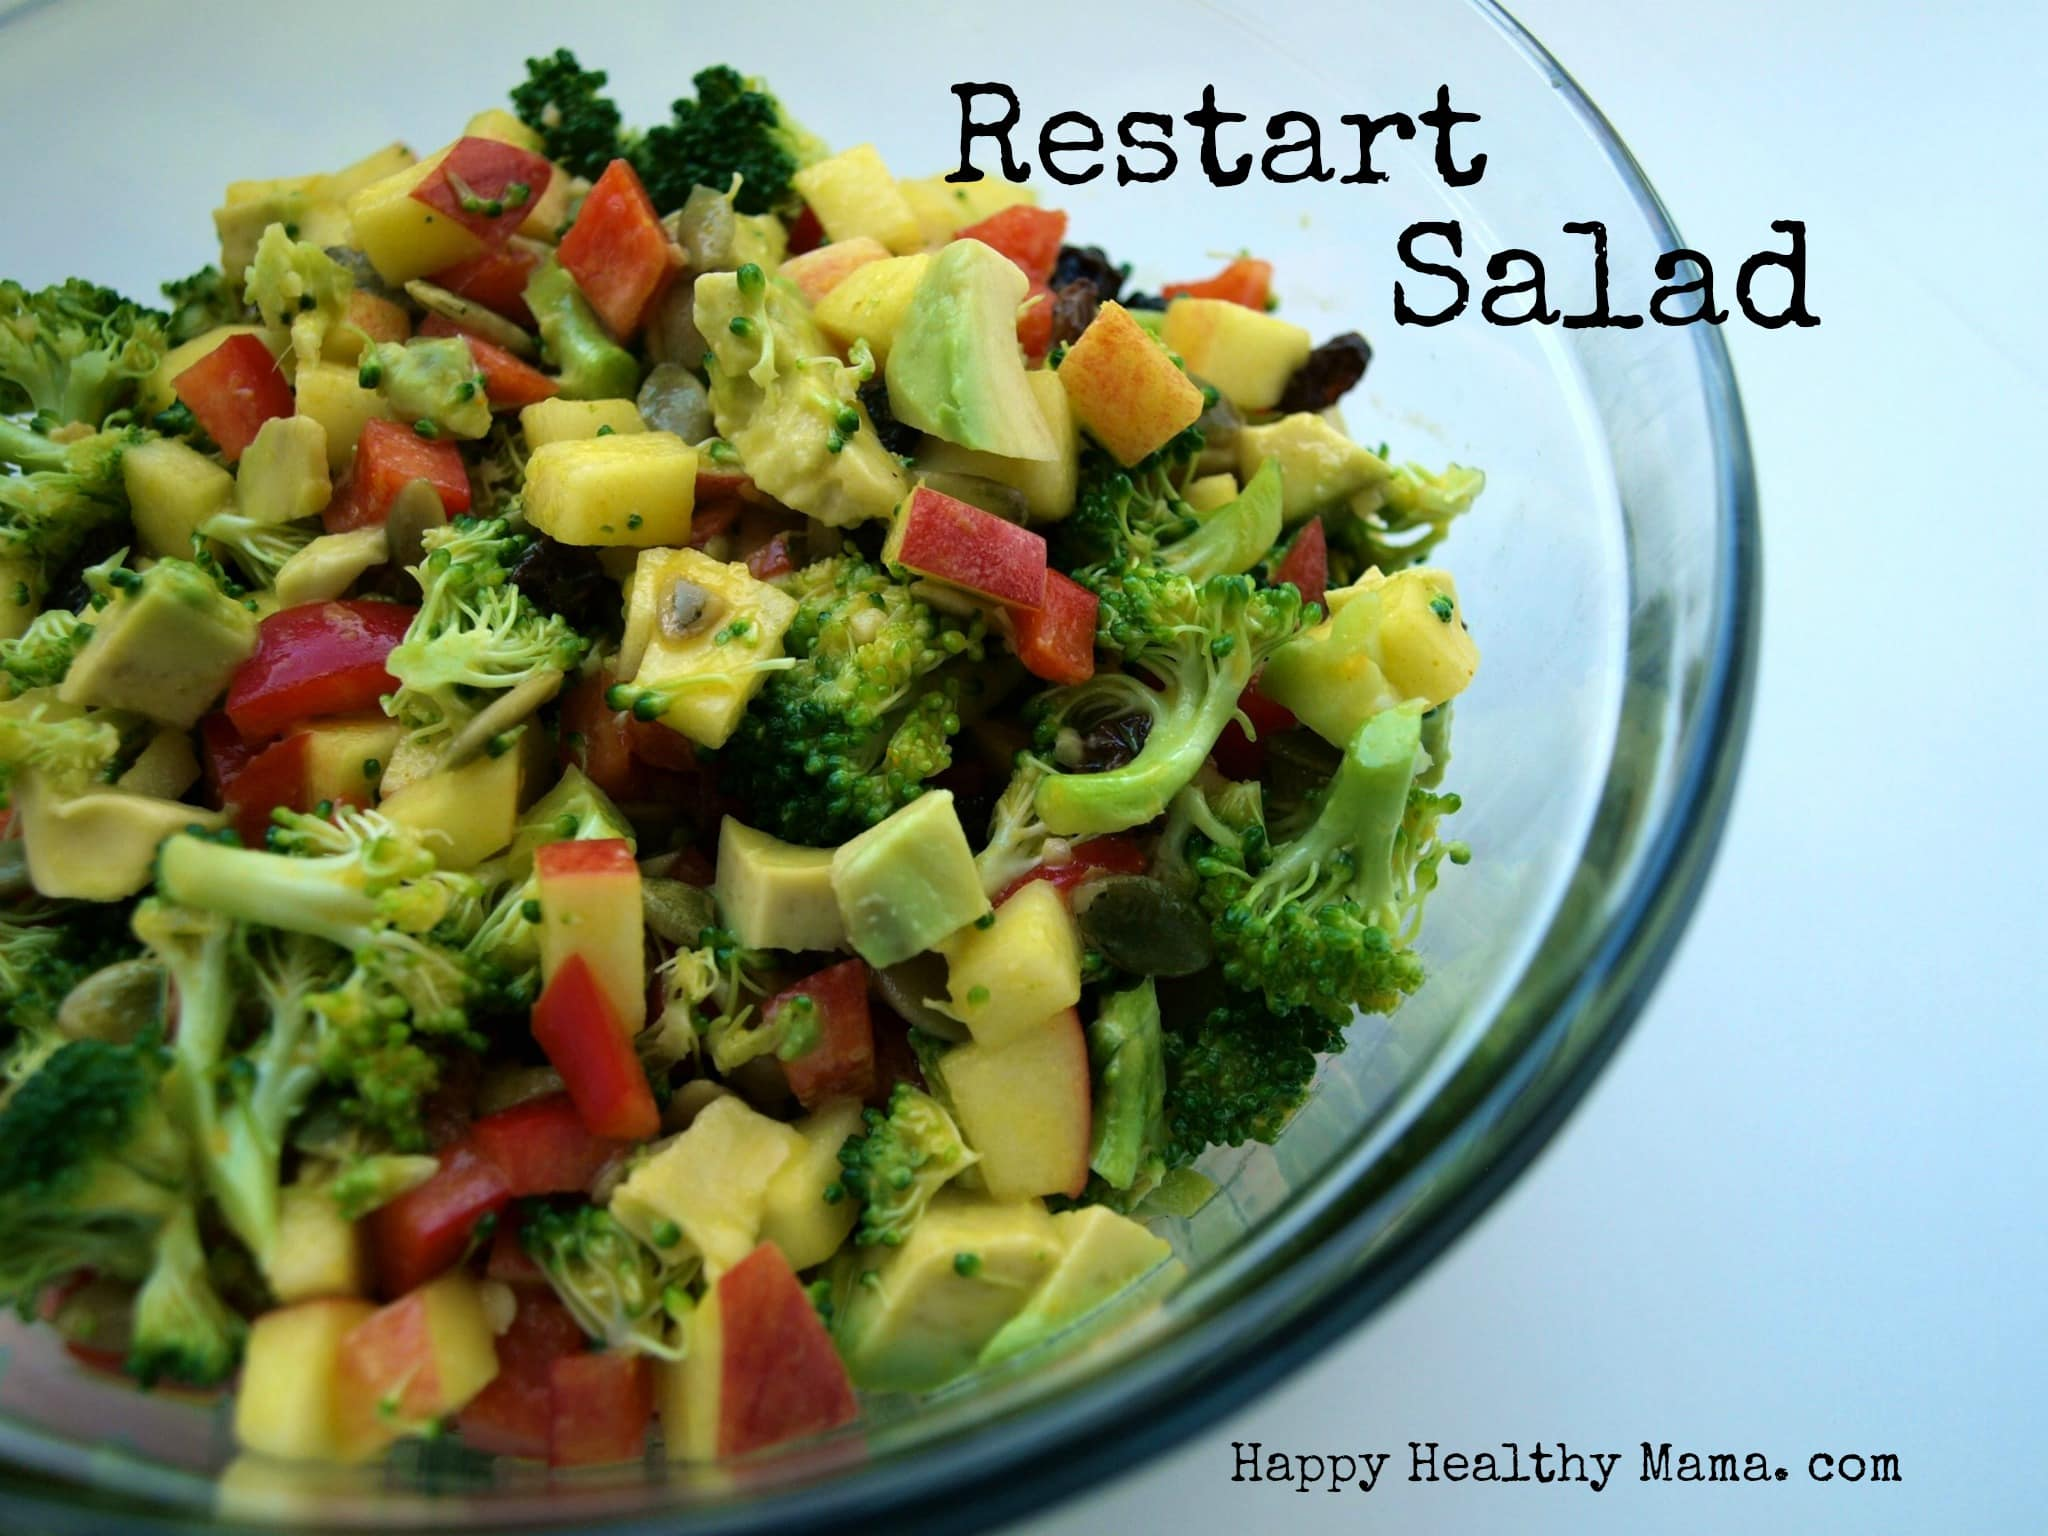 Restart salad